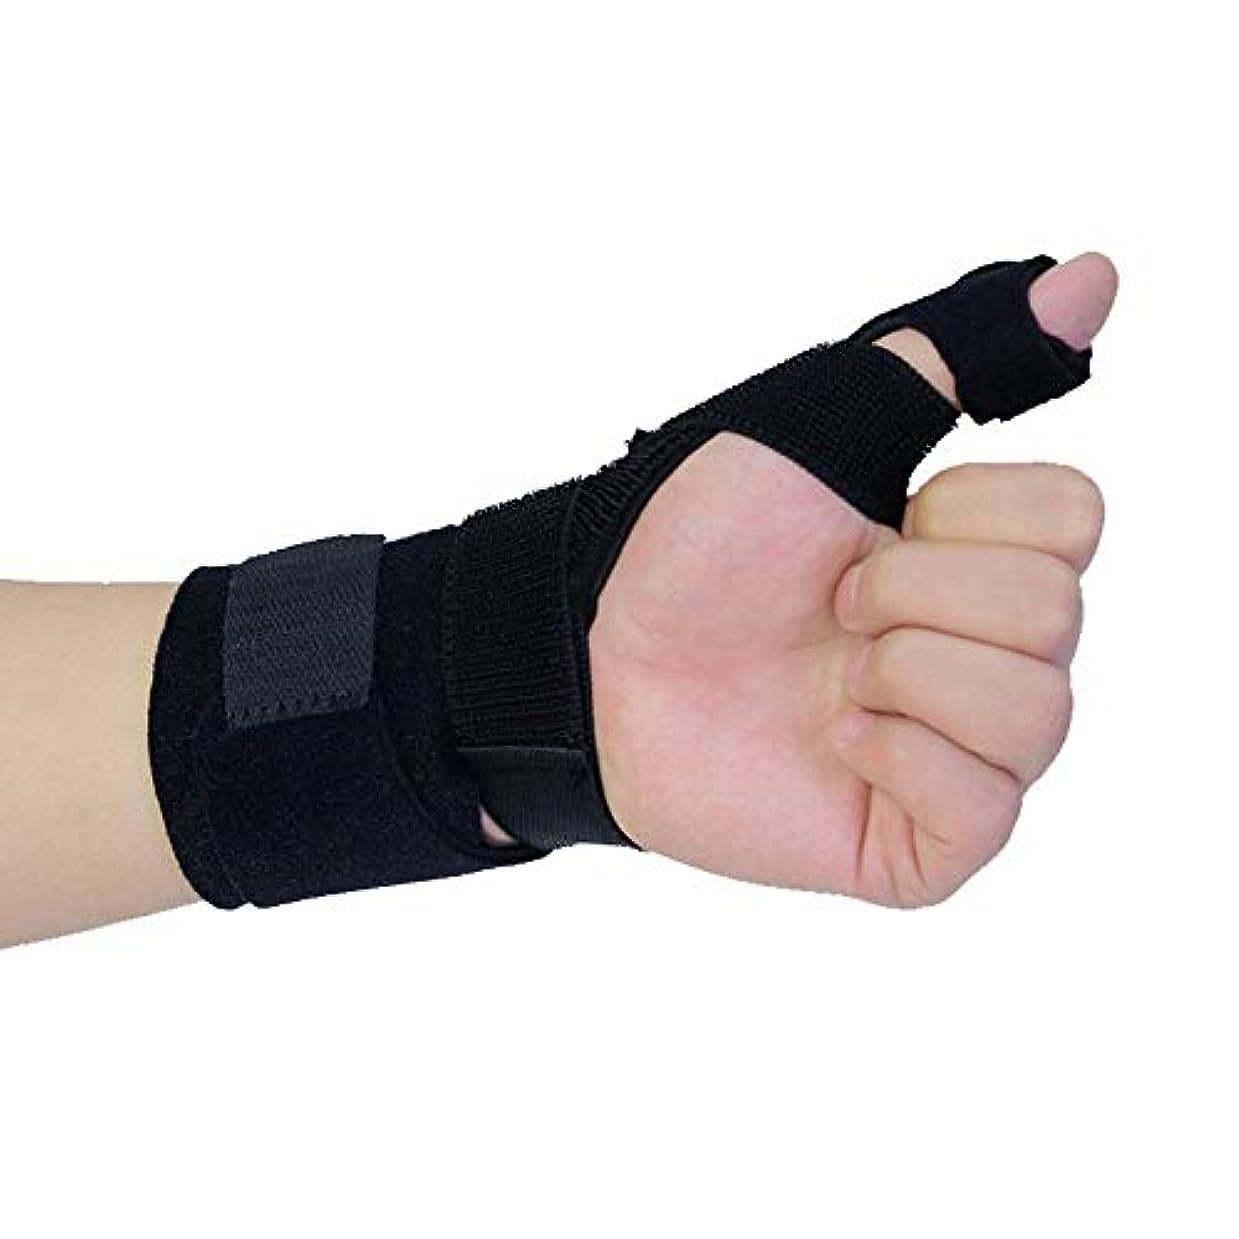 公使館頬支給親指ブレース、関節炎、腱炎、手根管の痛みの軽減、軽量で 調節可能なサイズに適した調節可能なプロテクター